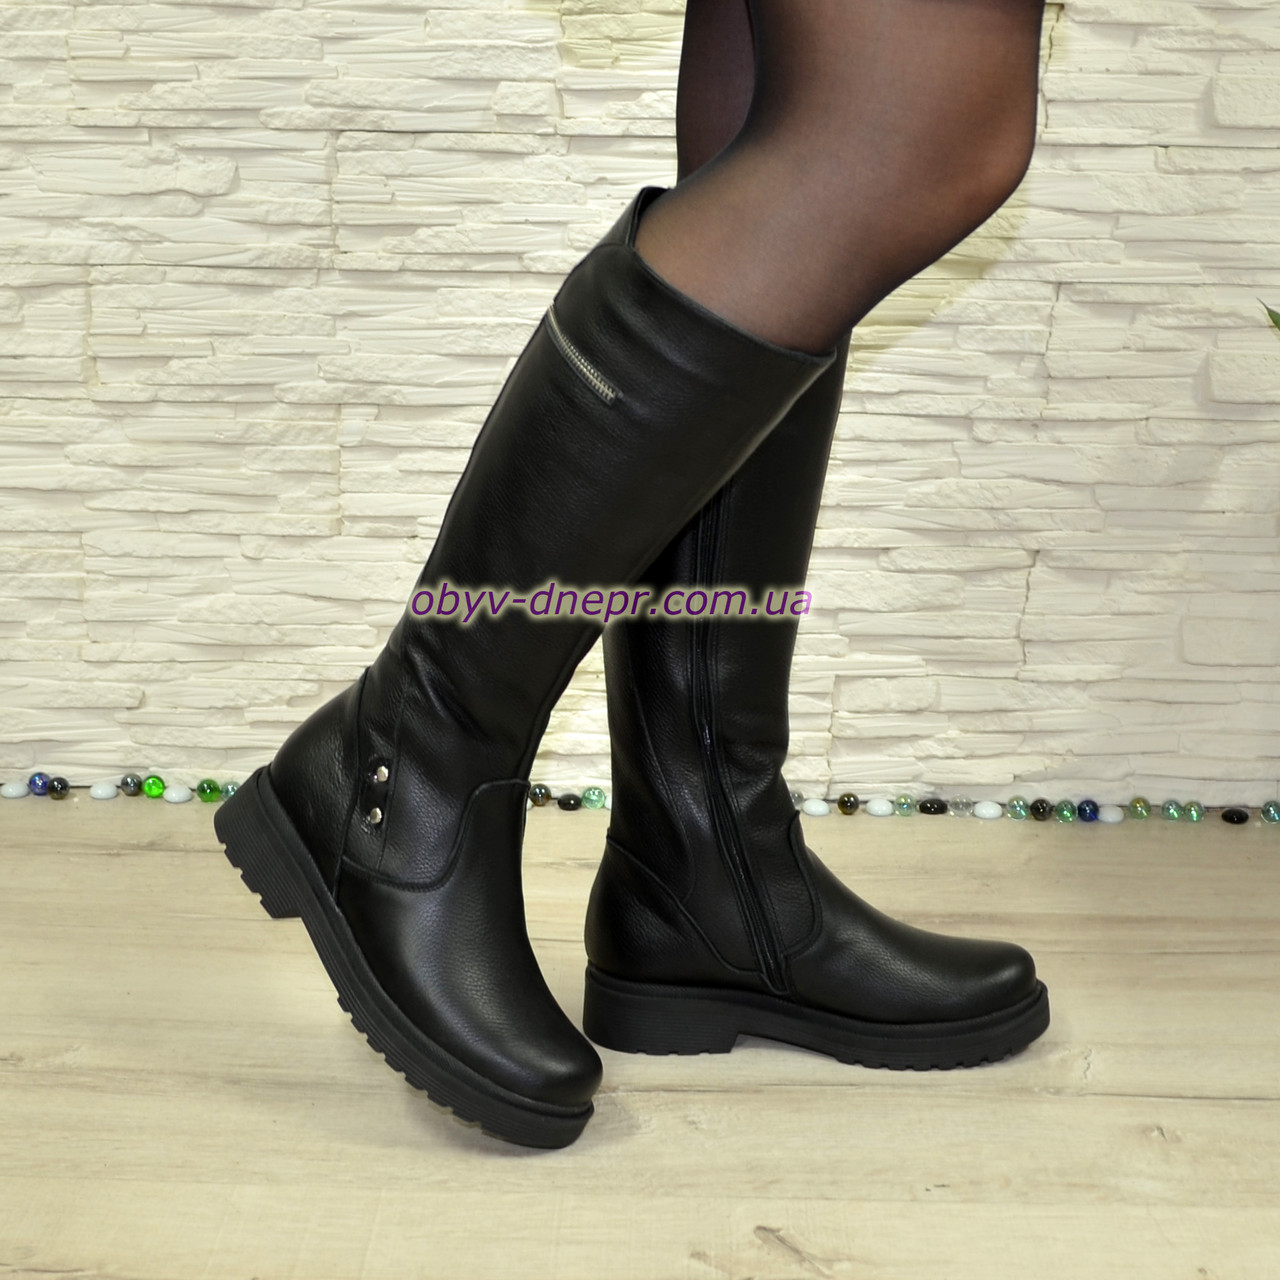 Сапоги демисезонные женские на маленьком каблуке, натуральная кожа флотар